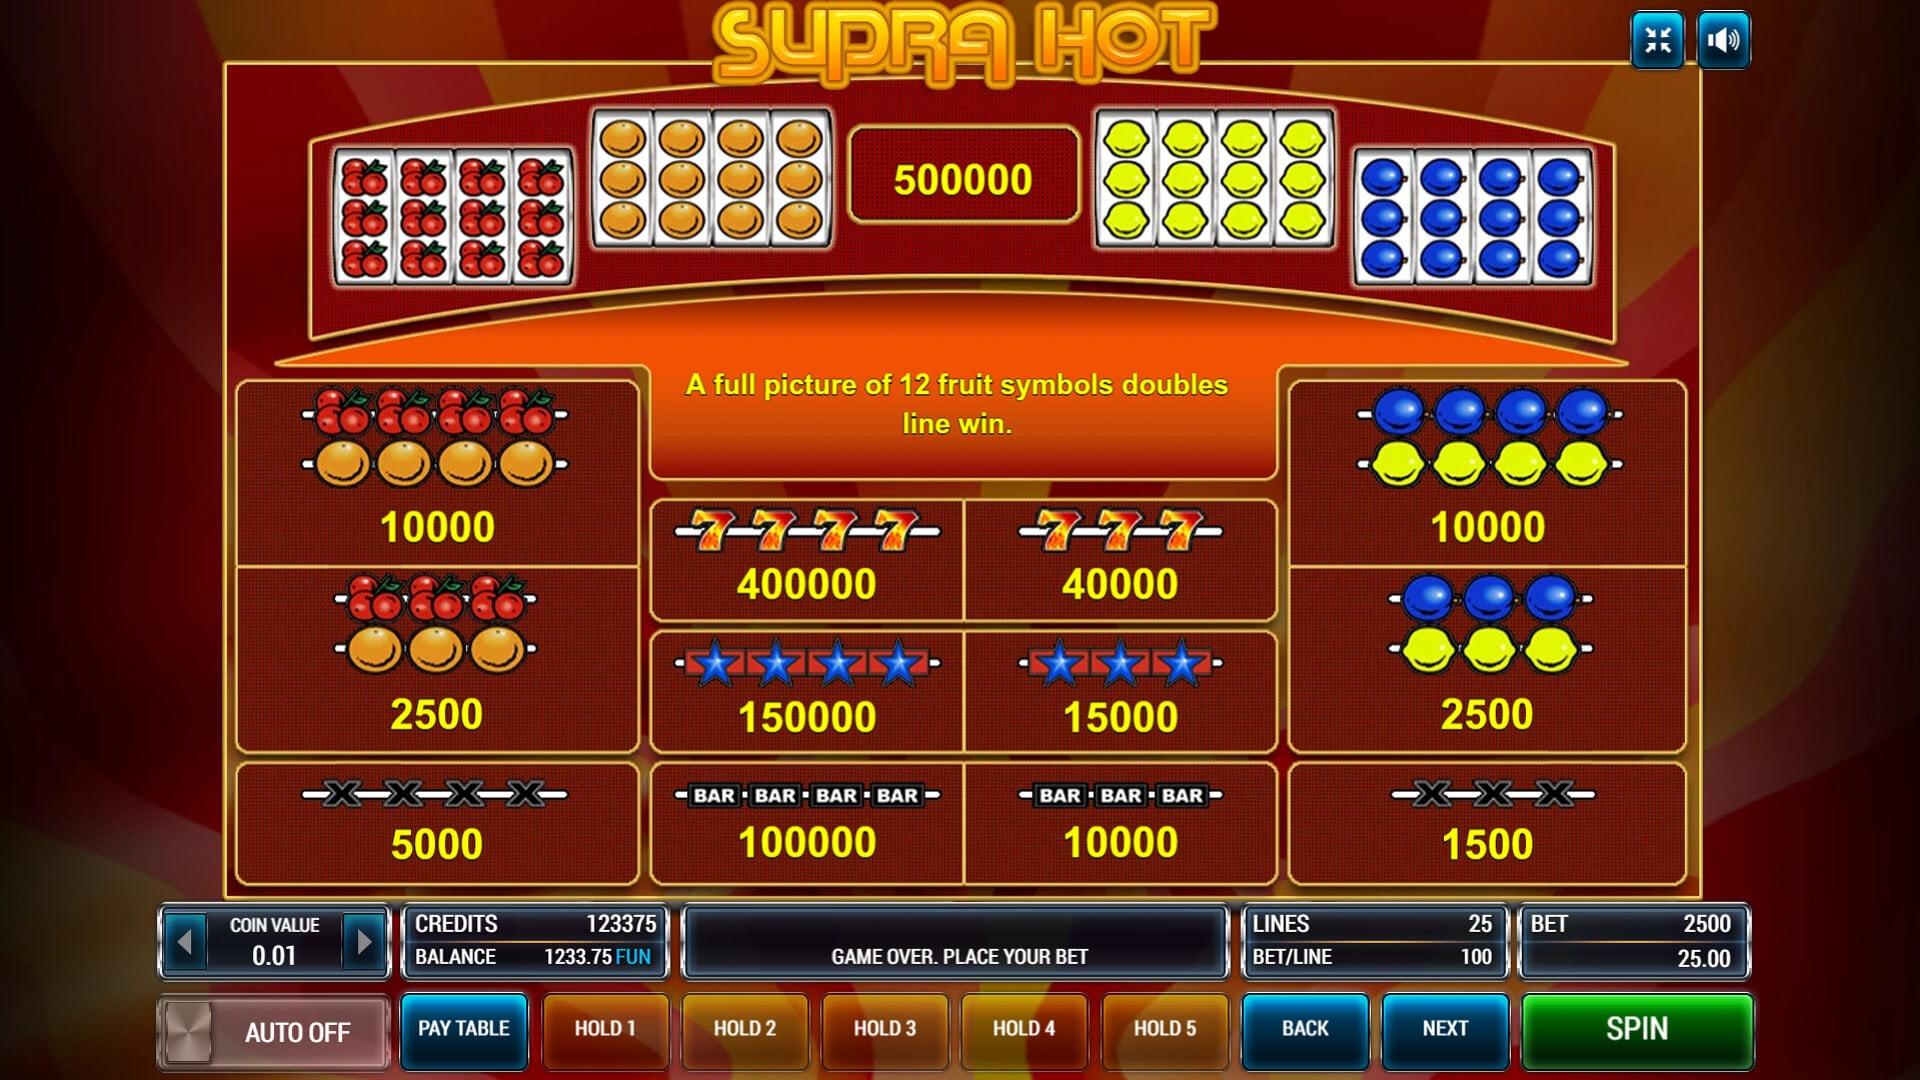 Изображение игрового автомата Supra Hot 3